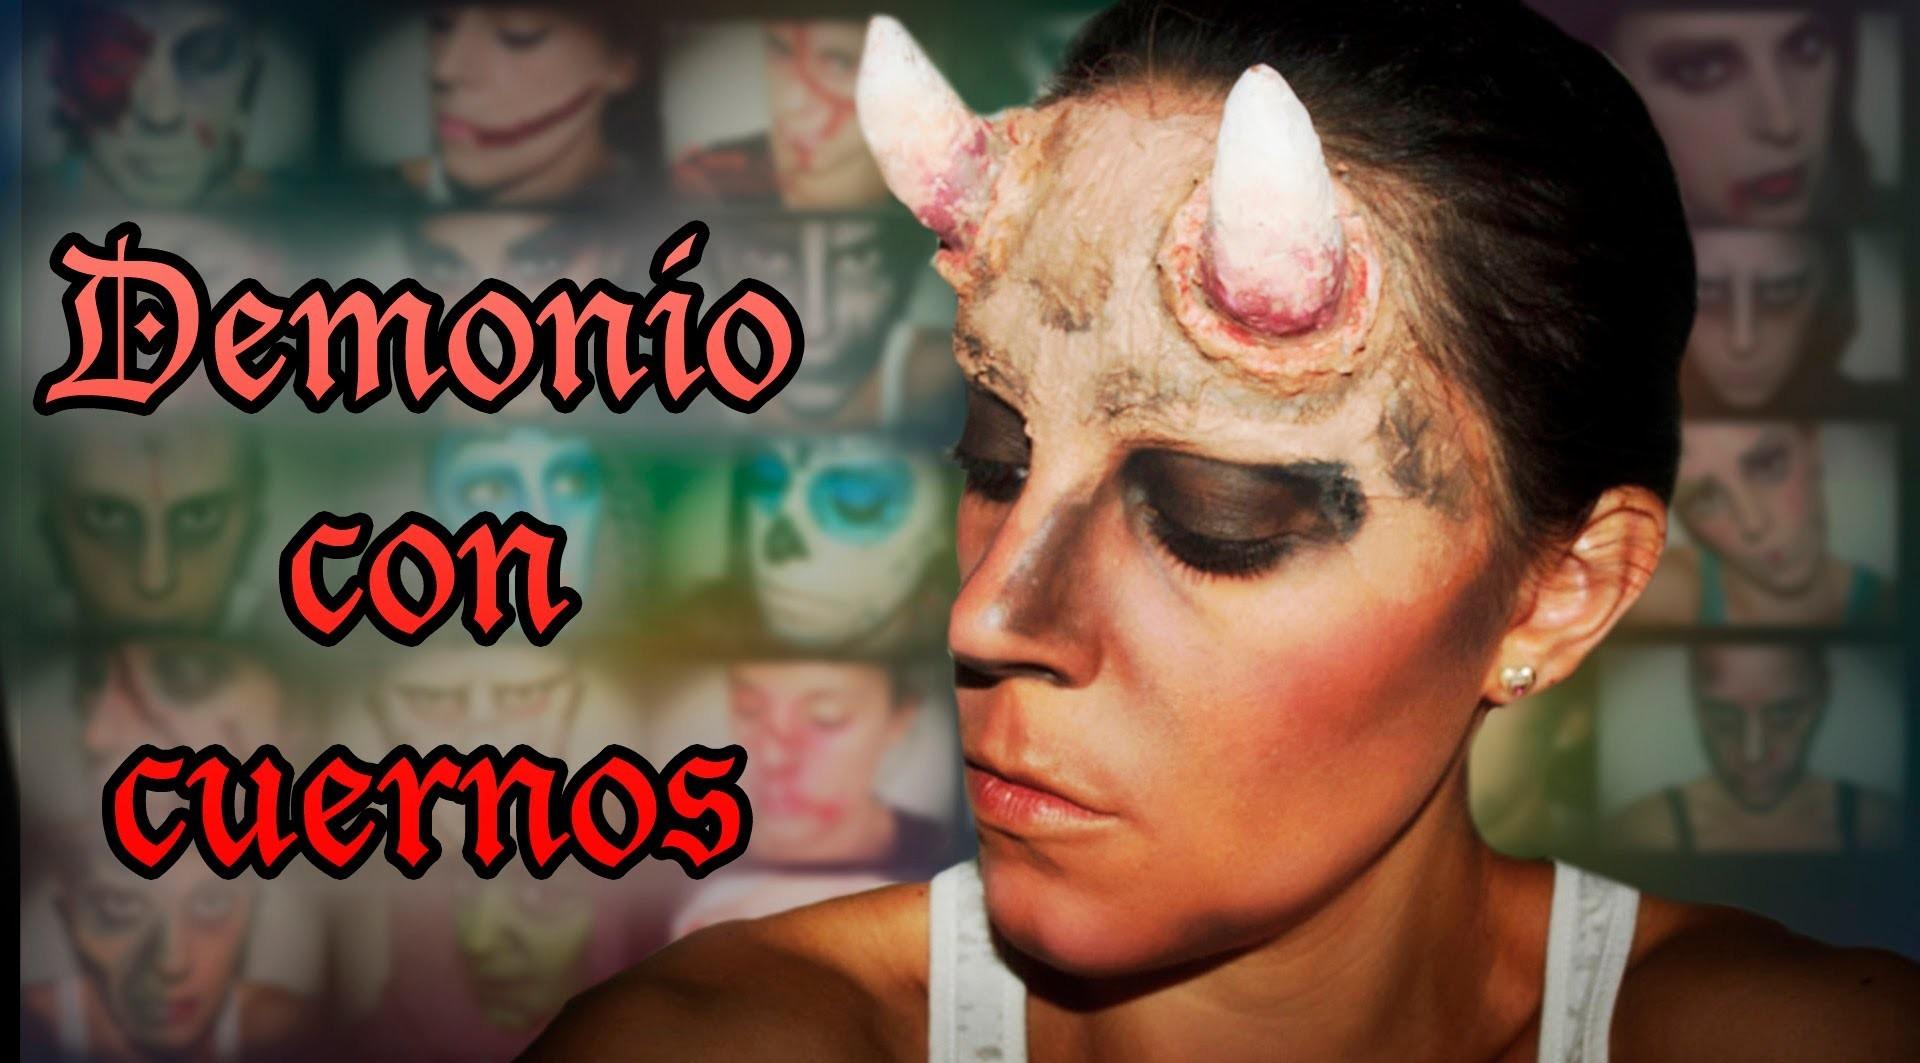 Maquillaje Halloween Demonio con cuernos Makeup FX #10 | Silvia Quiros